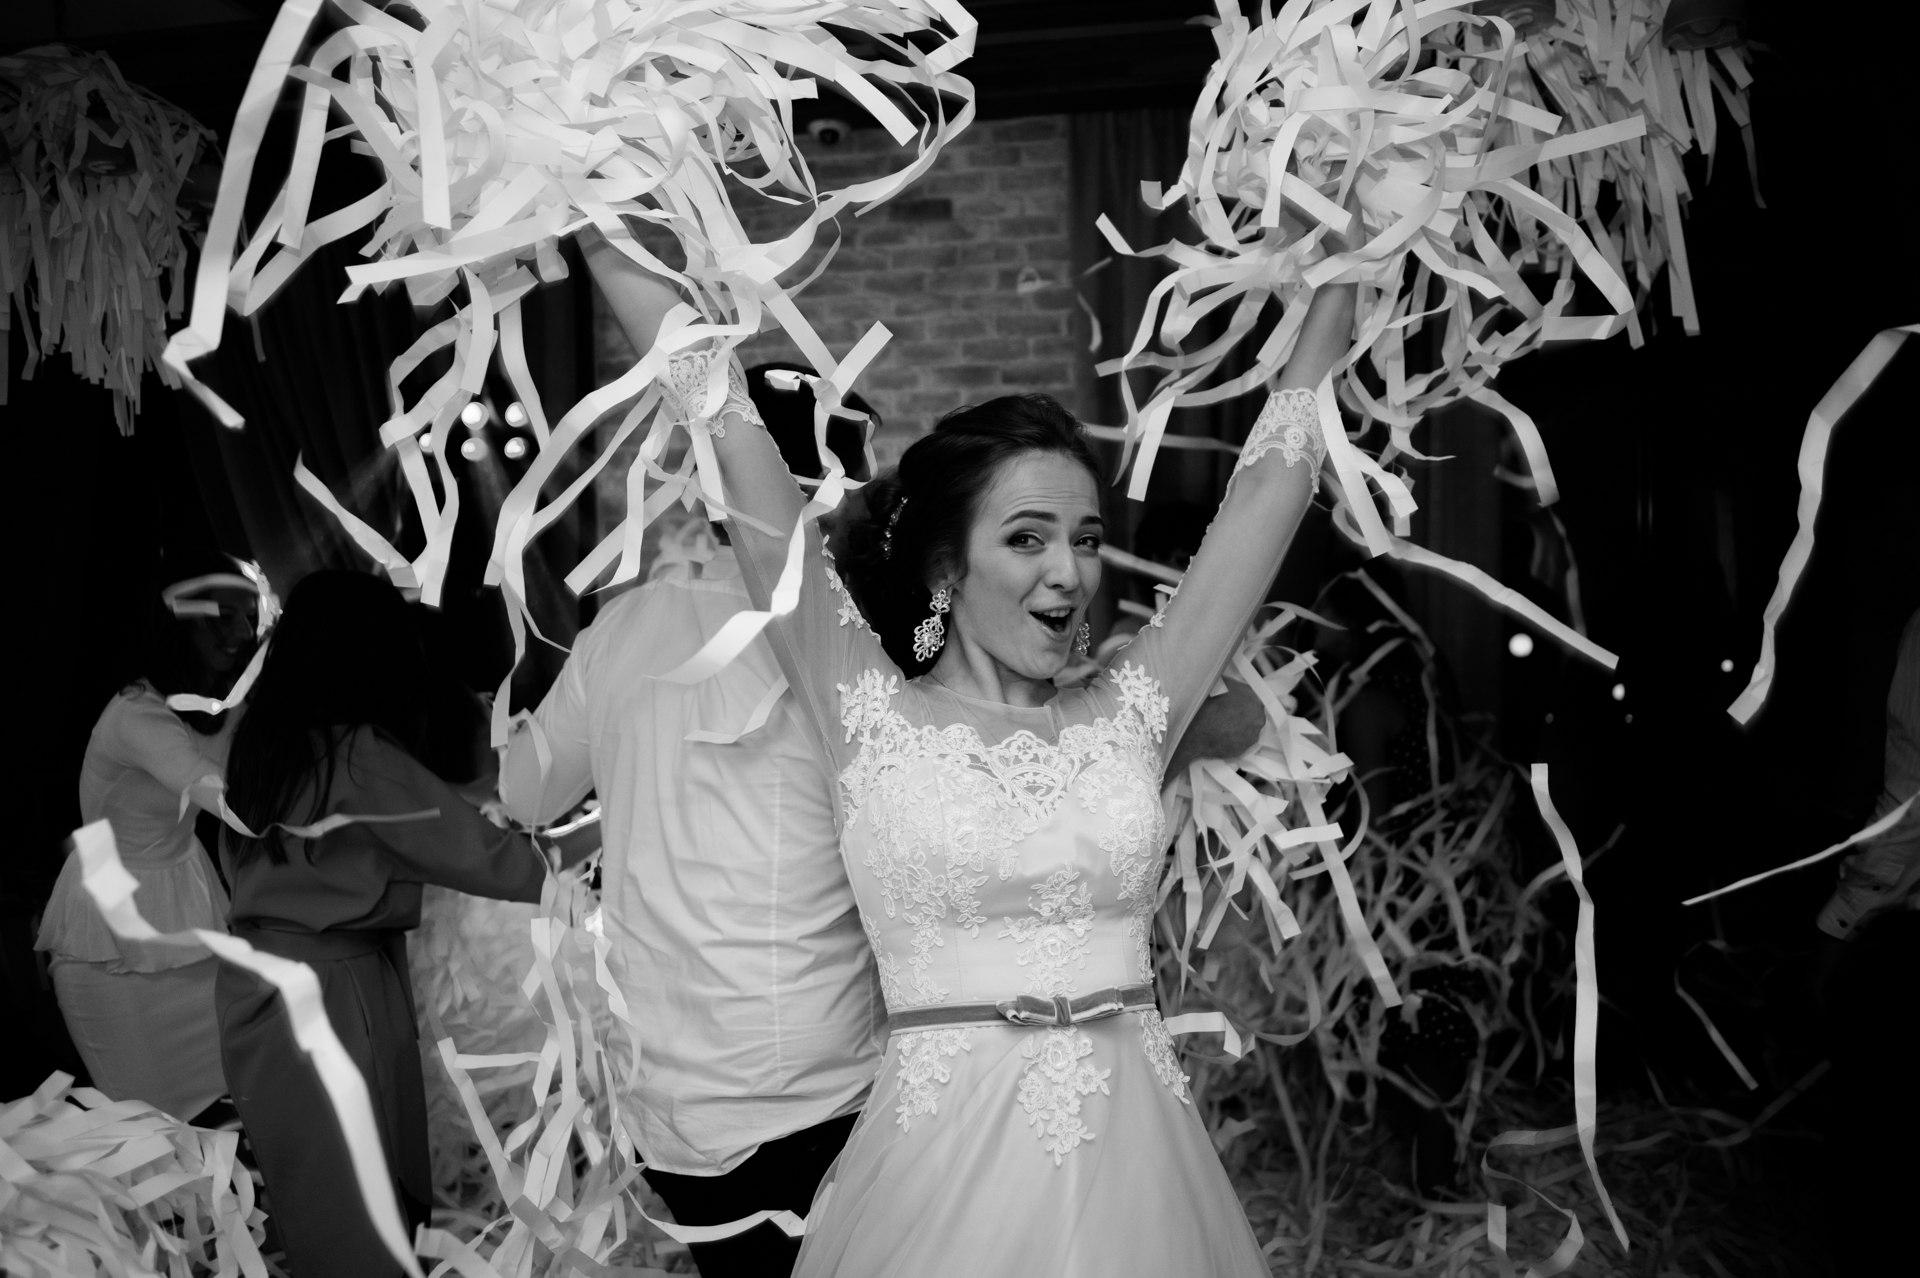 Бумажное шоу на свадьбу иваново